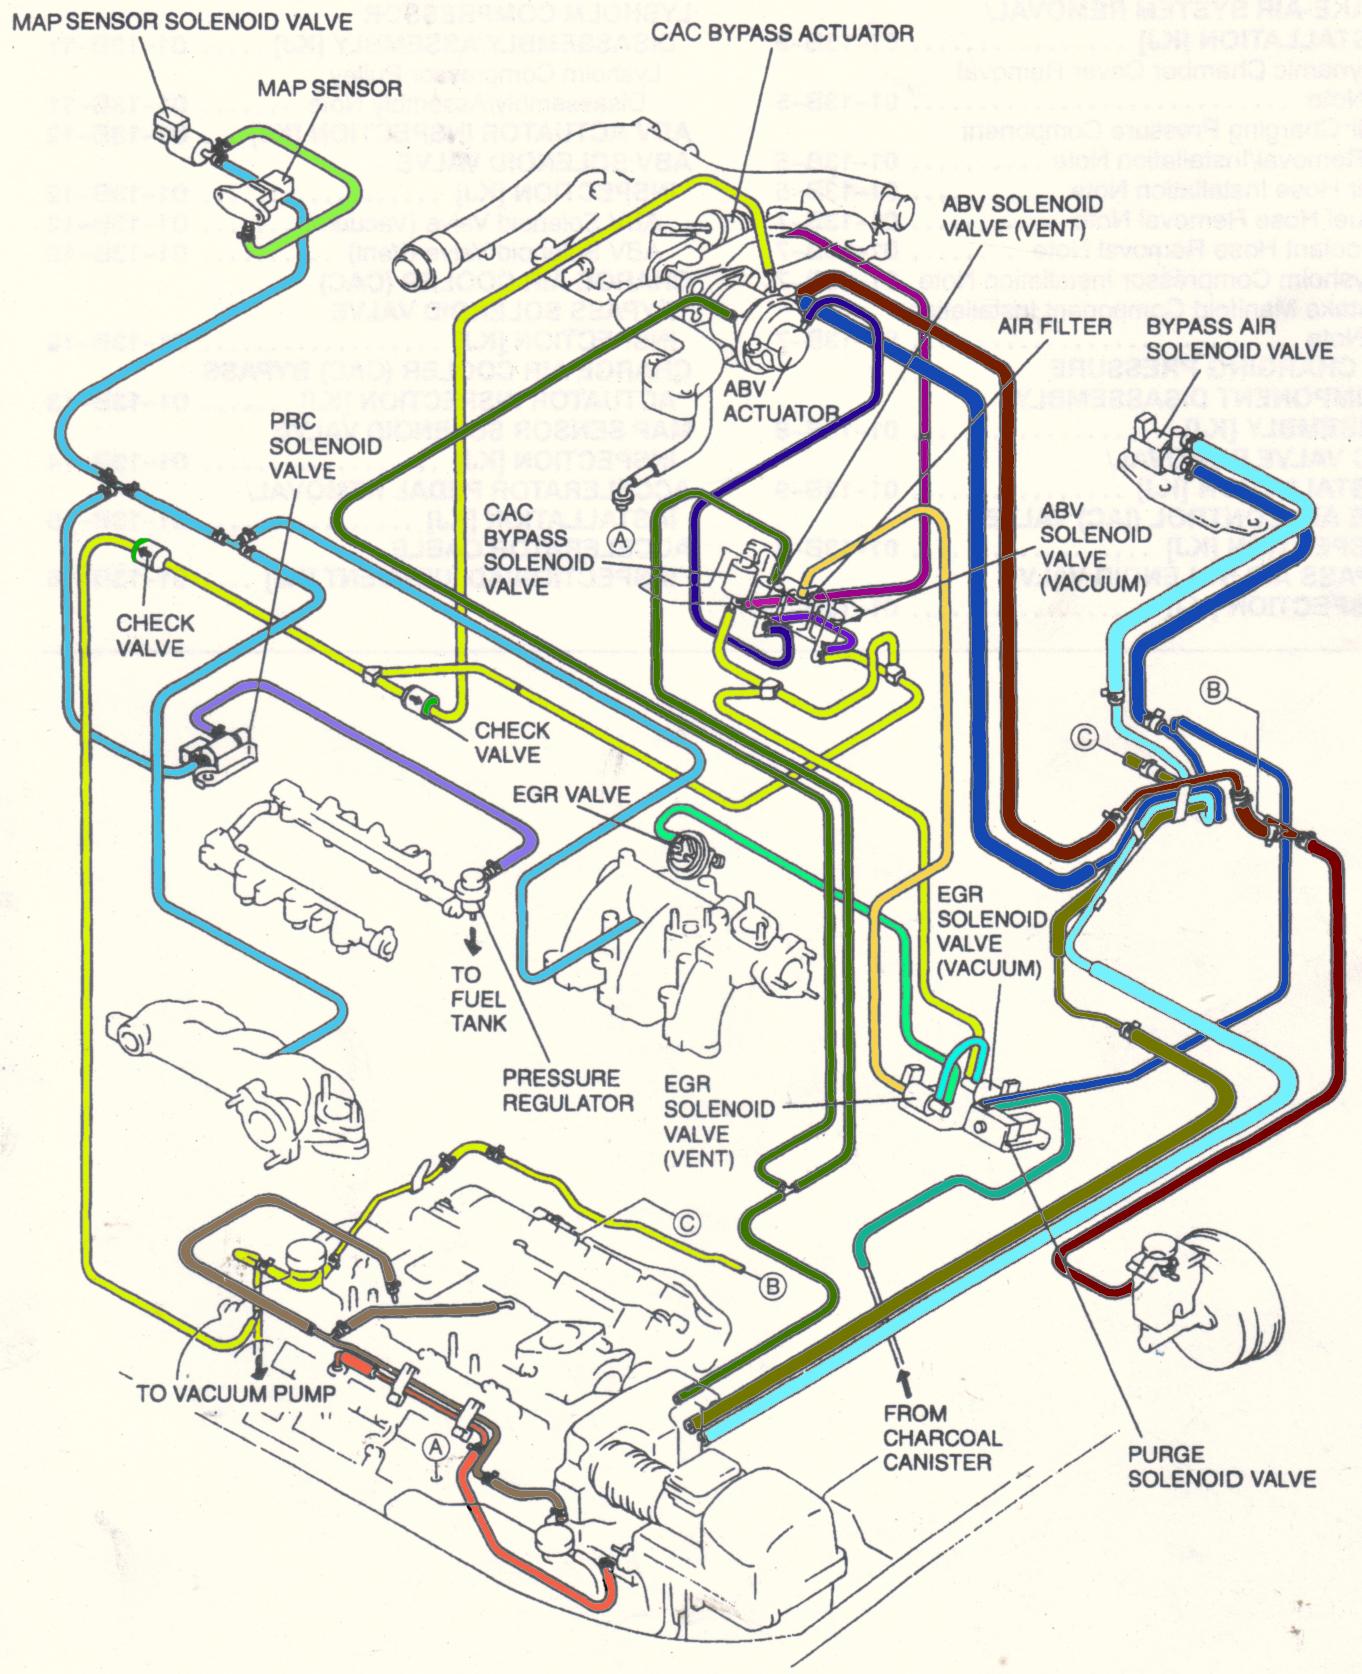 millenia s vacuum diagrams technical guides mazdaworld rh mazdaworld net 2001 Mazda Millenia Repair Manual 2001 mazda millenia engine diagram